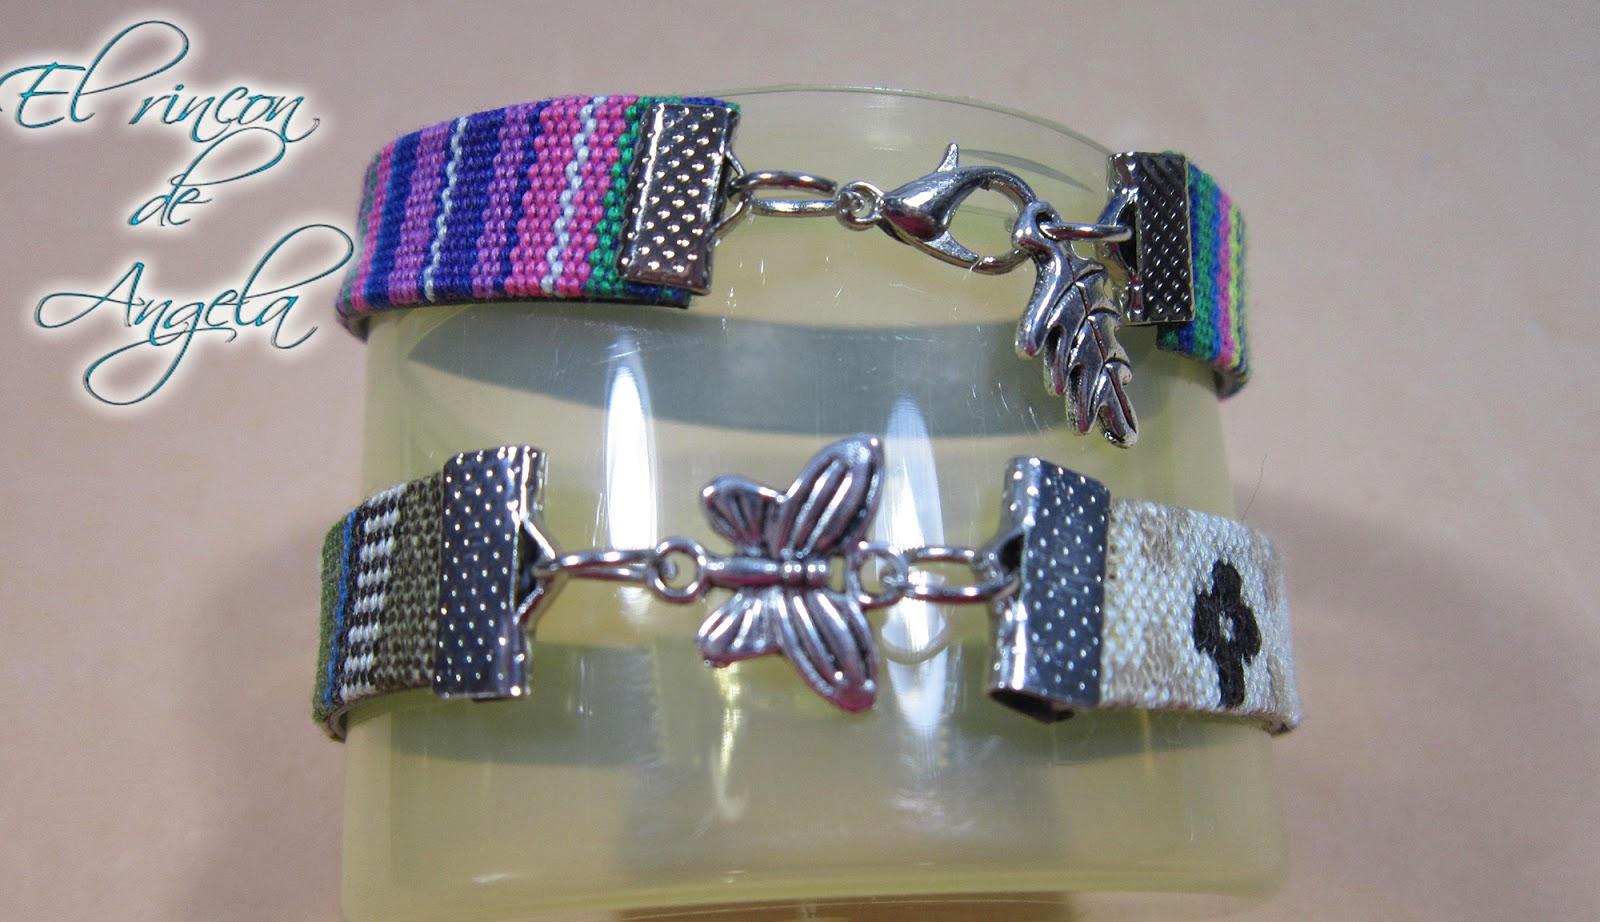 El Rincon de Angela Bisuteria FacilL Como hacer pulseras con cinta